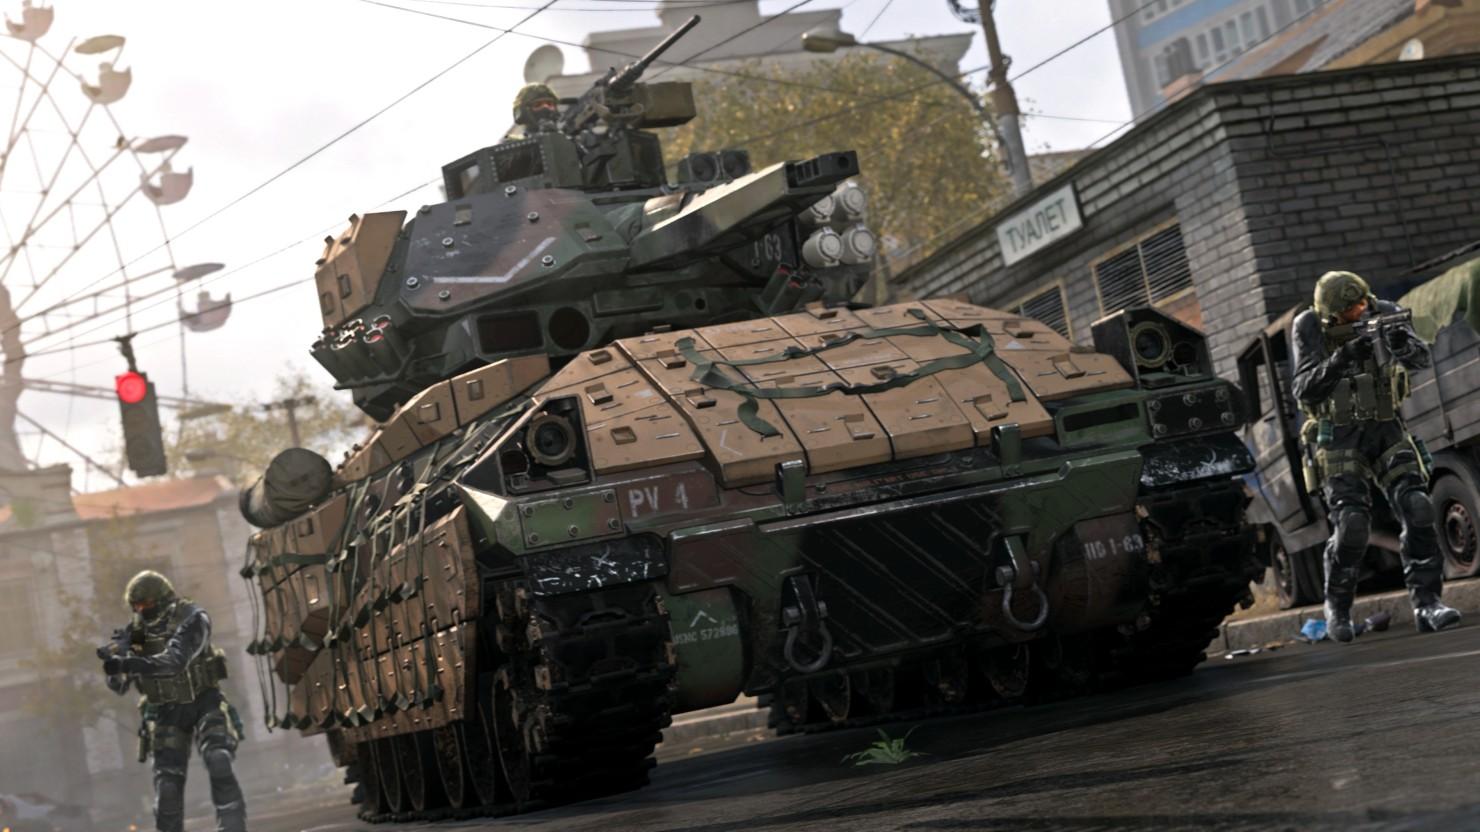 «Call of Duty: Modern Warfare проецирует грехи американской армии на российских военных» — считает Polygon